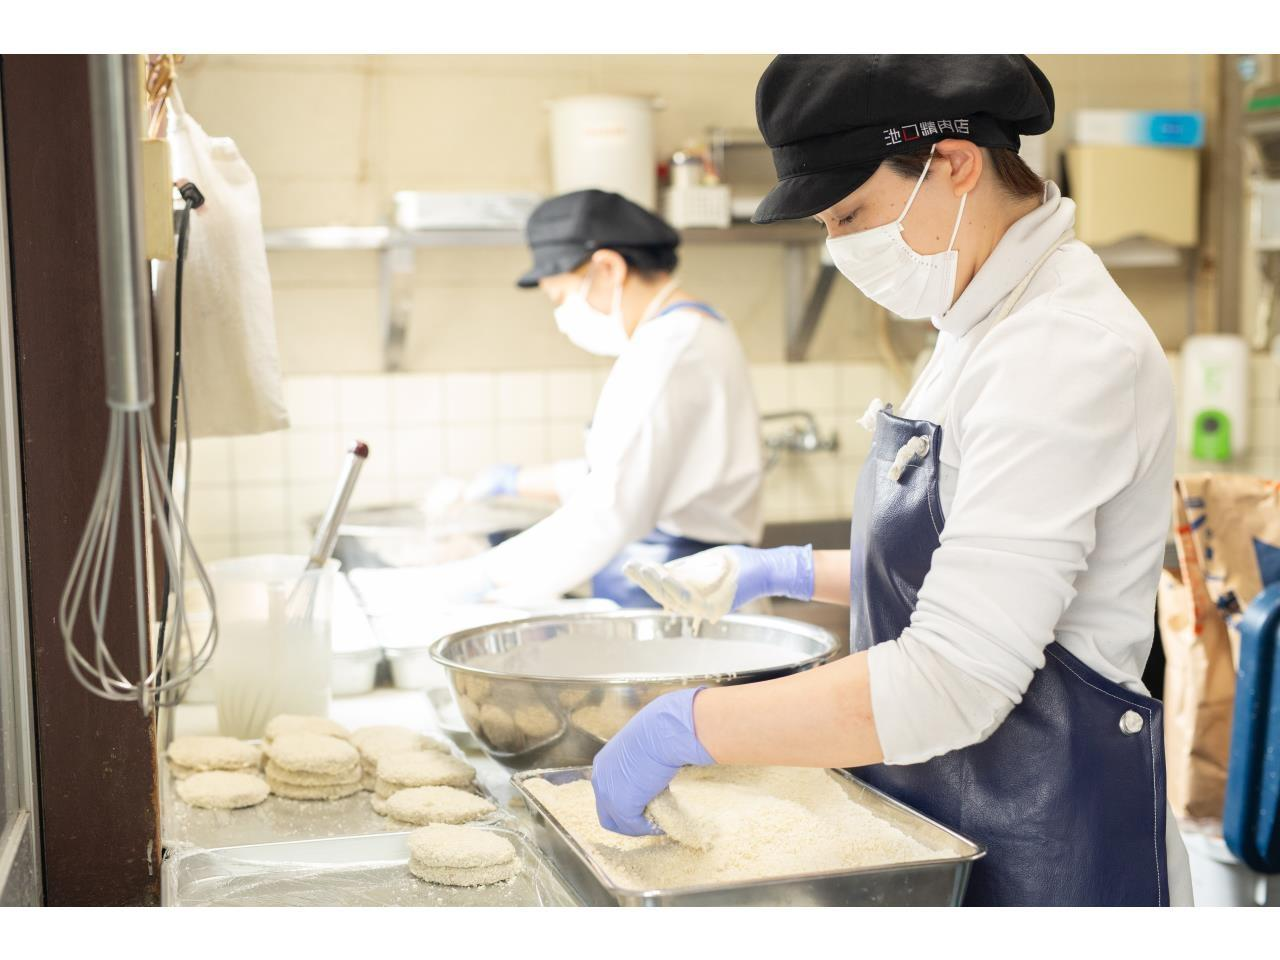 人気精肉店での販売やお惣菜の製造